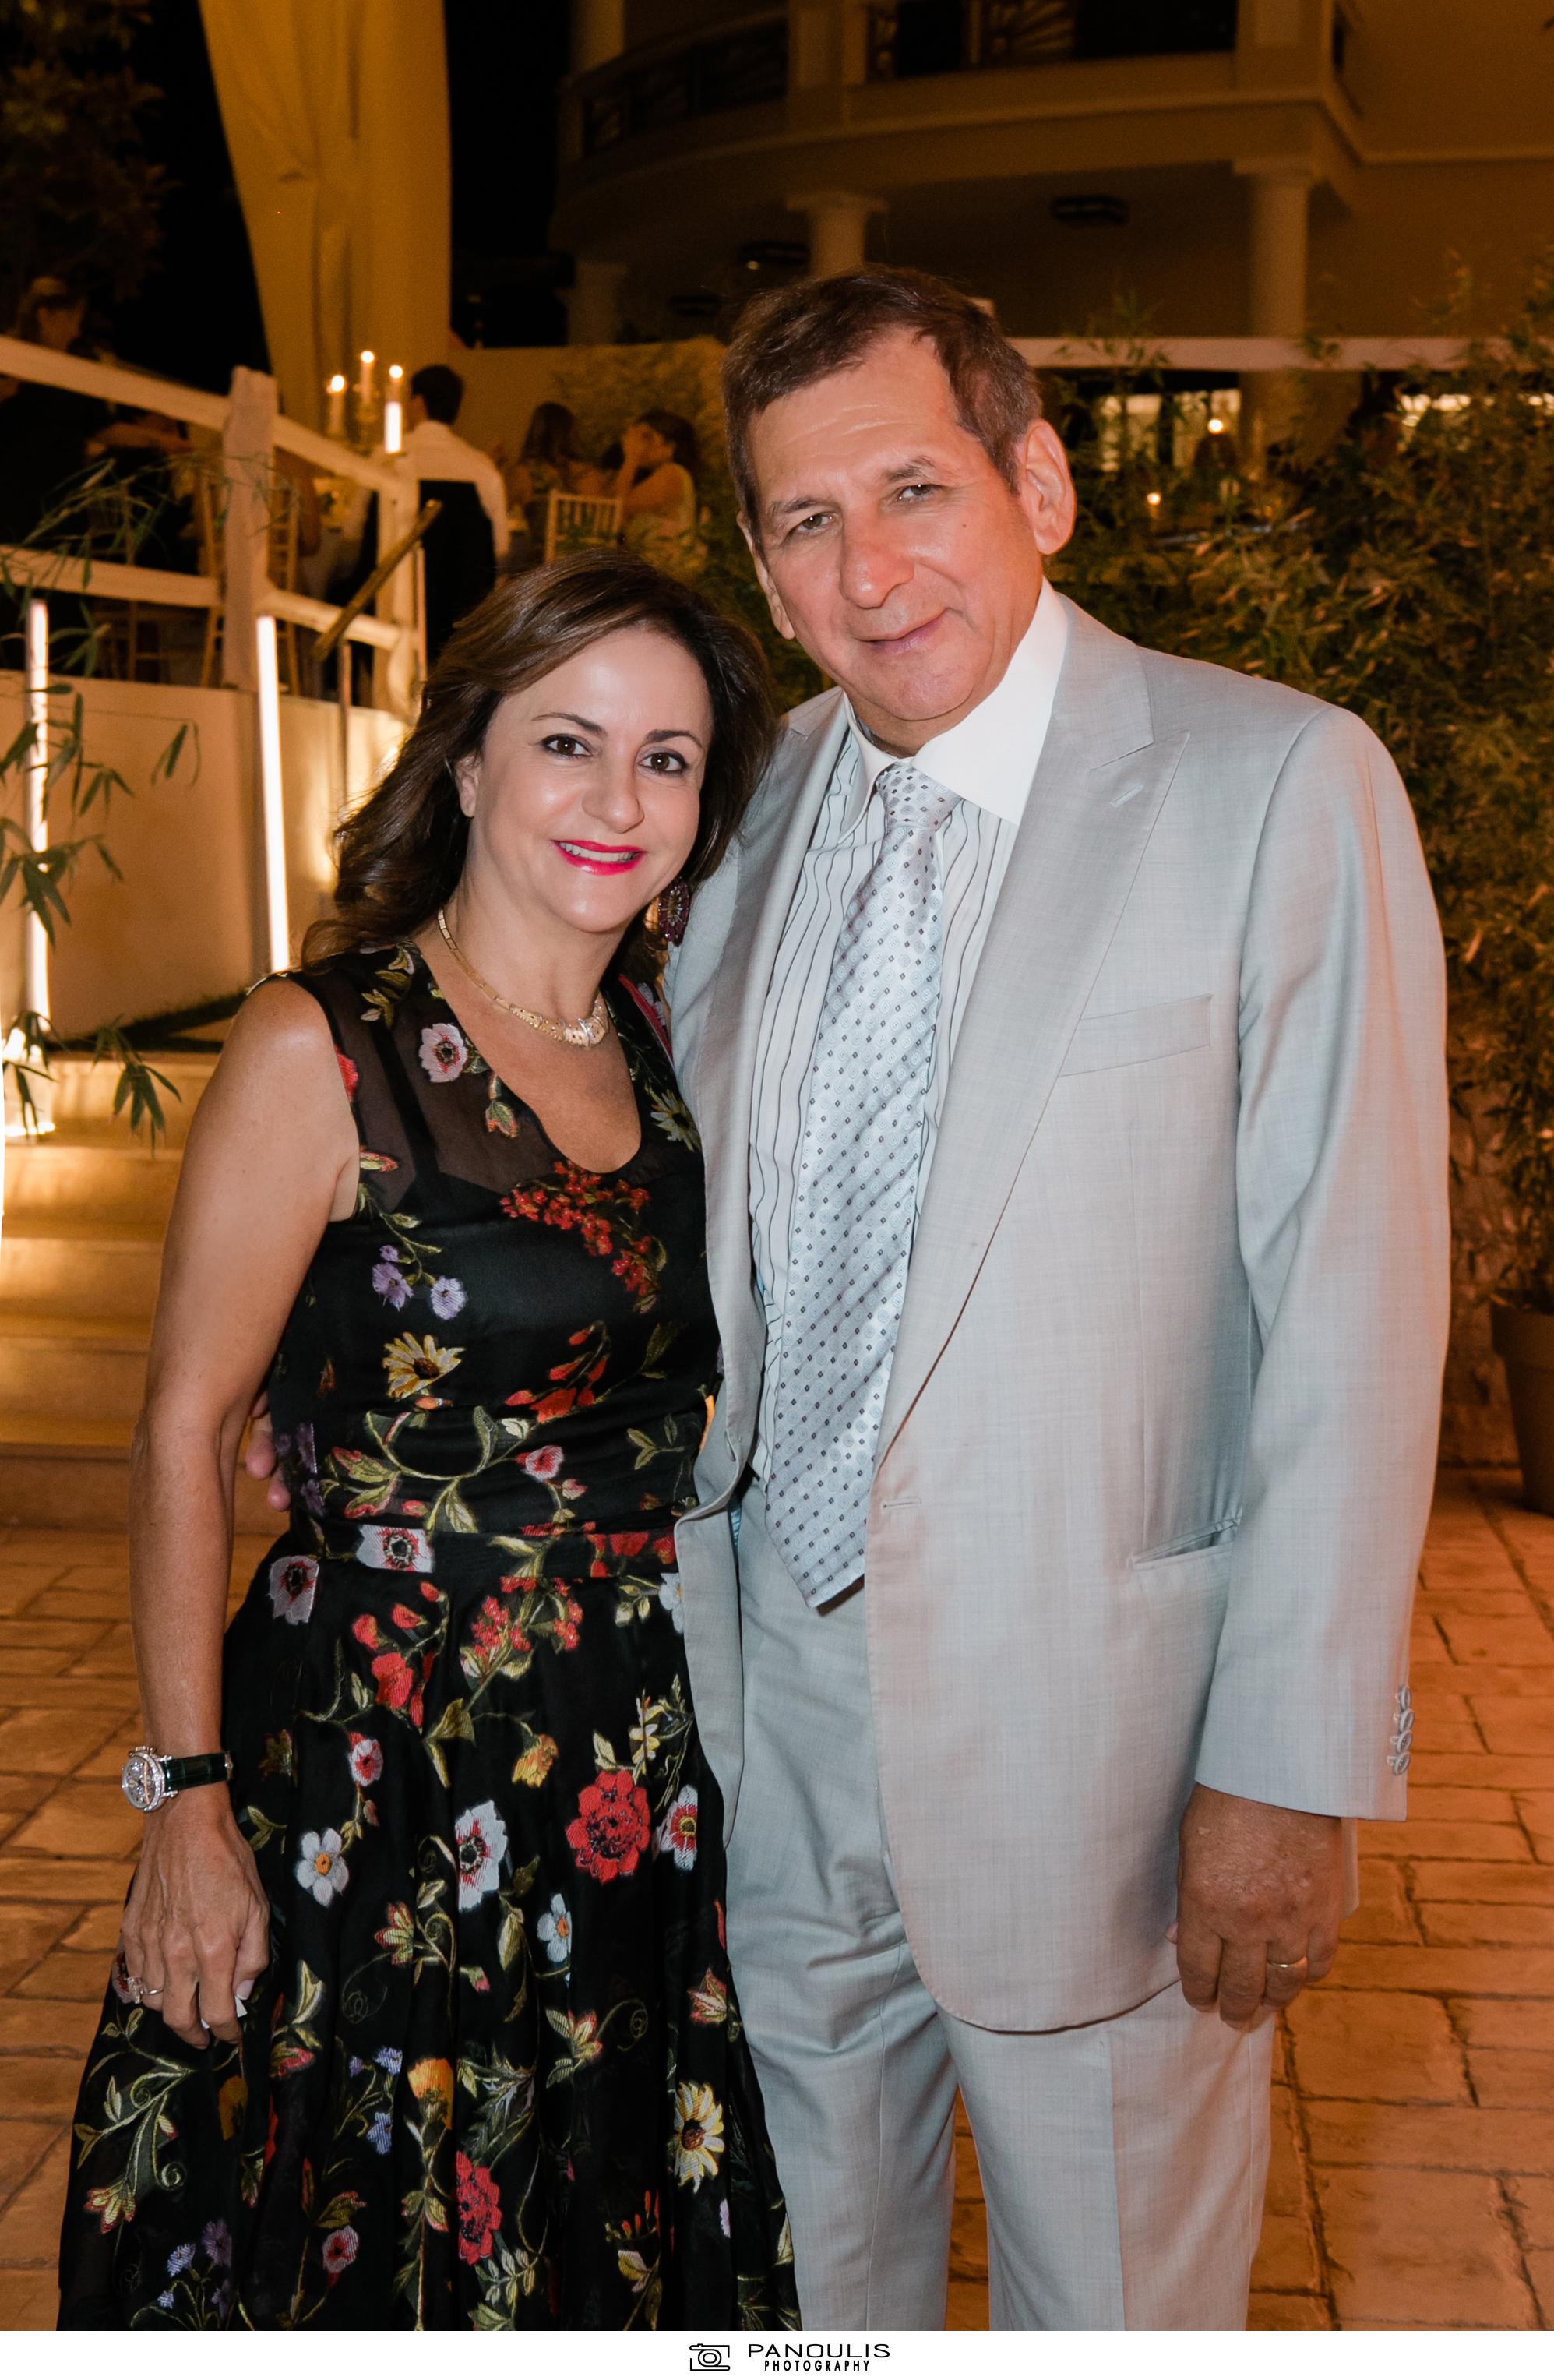 Κλέλια Χατζηιωάννου & Κωνσταντίνος Σκορίλας: Ένας υπέροχος γάμος με λαμπερούς καλεσμένους 15